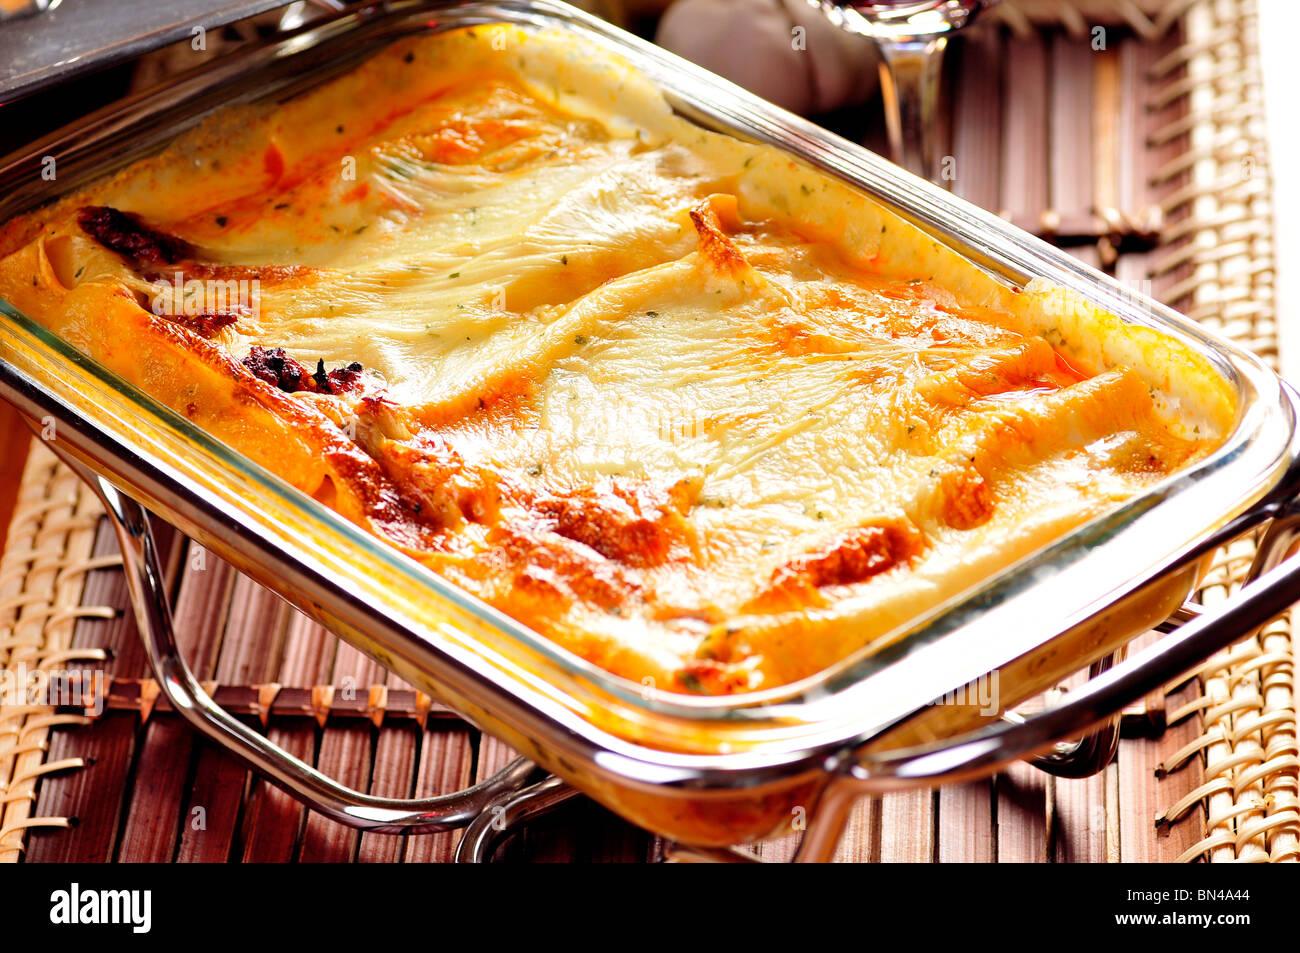 cannelloni k se kochen leckeres abendessen essen garnierung italienischen italien mittagessen. Black Bedroom Furniture Sets. Home Design Ideas